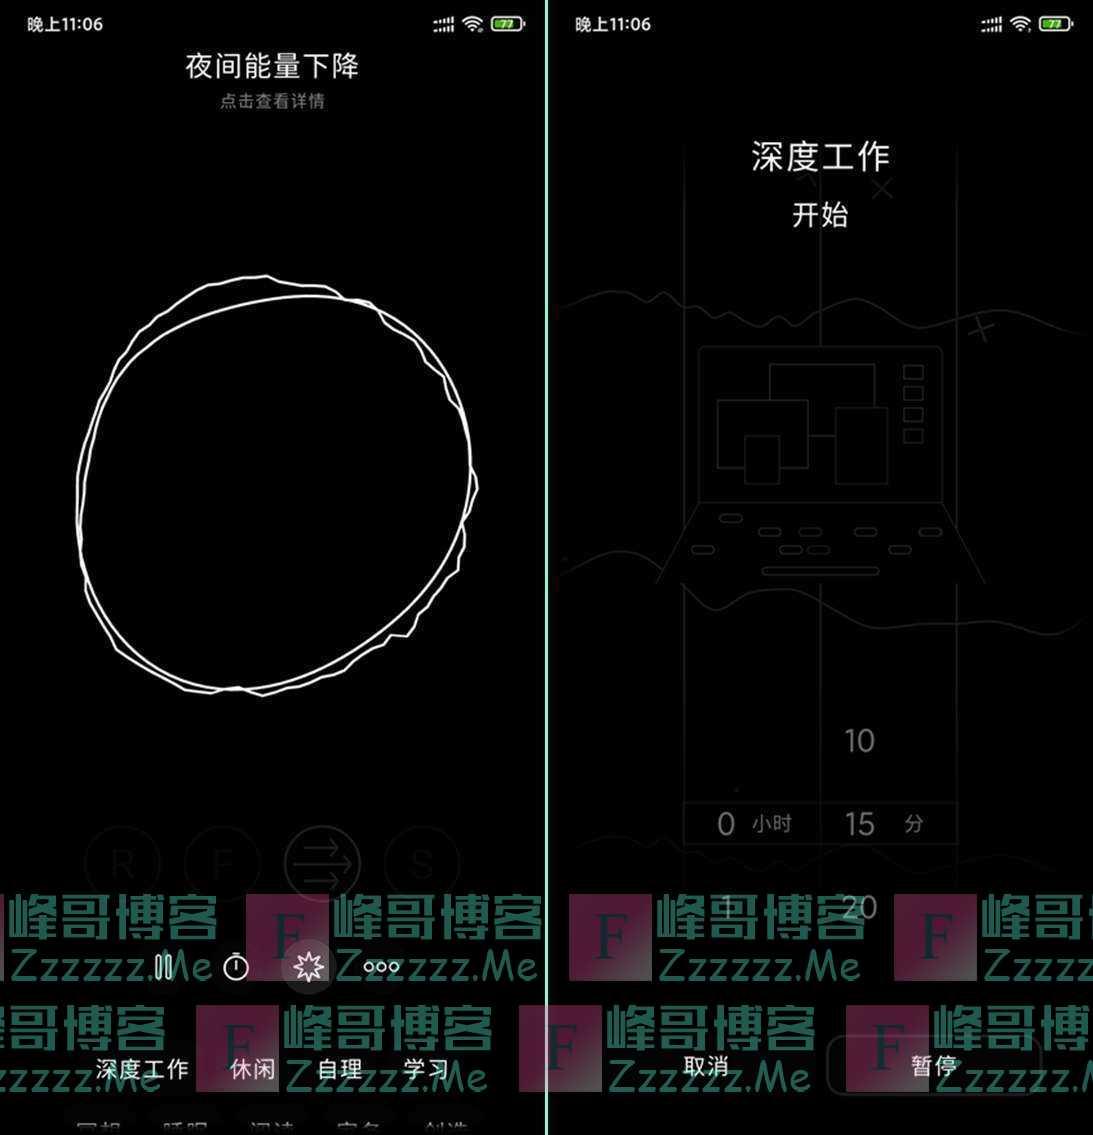 安卓Endel V1.34.767 Endel中文汉化破解版下载 Endel放松与焦点,缓解压力睡眠的声音。